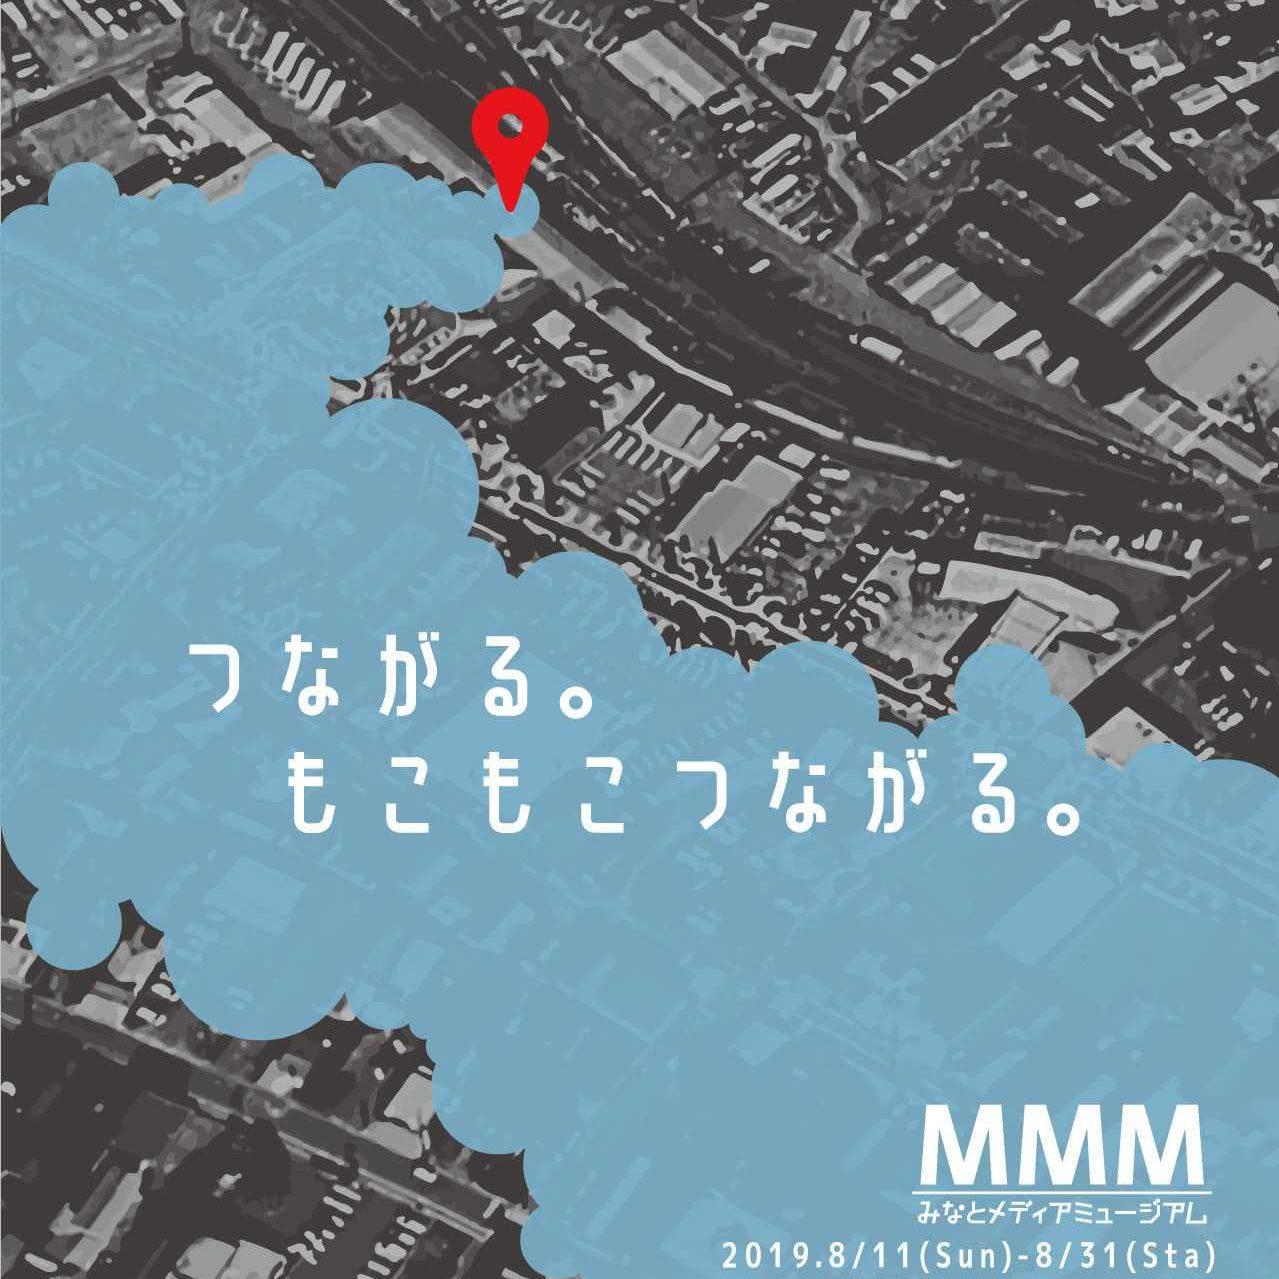 植田 爽介さん、みなみメディアミュージアムにて作品出展!